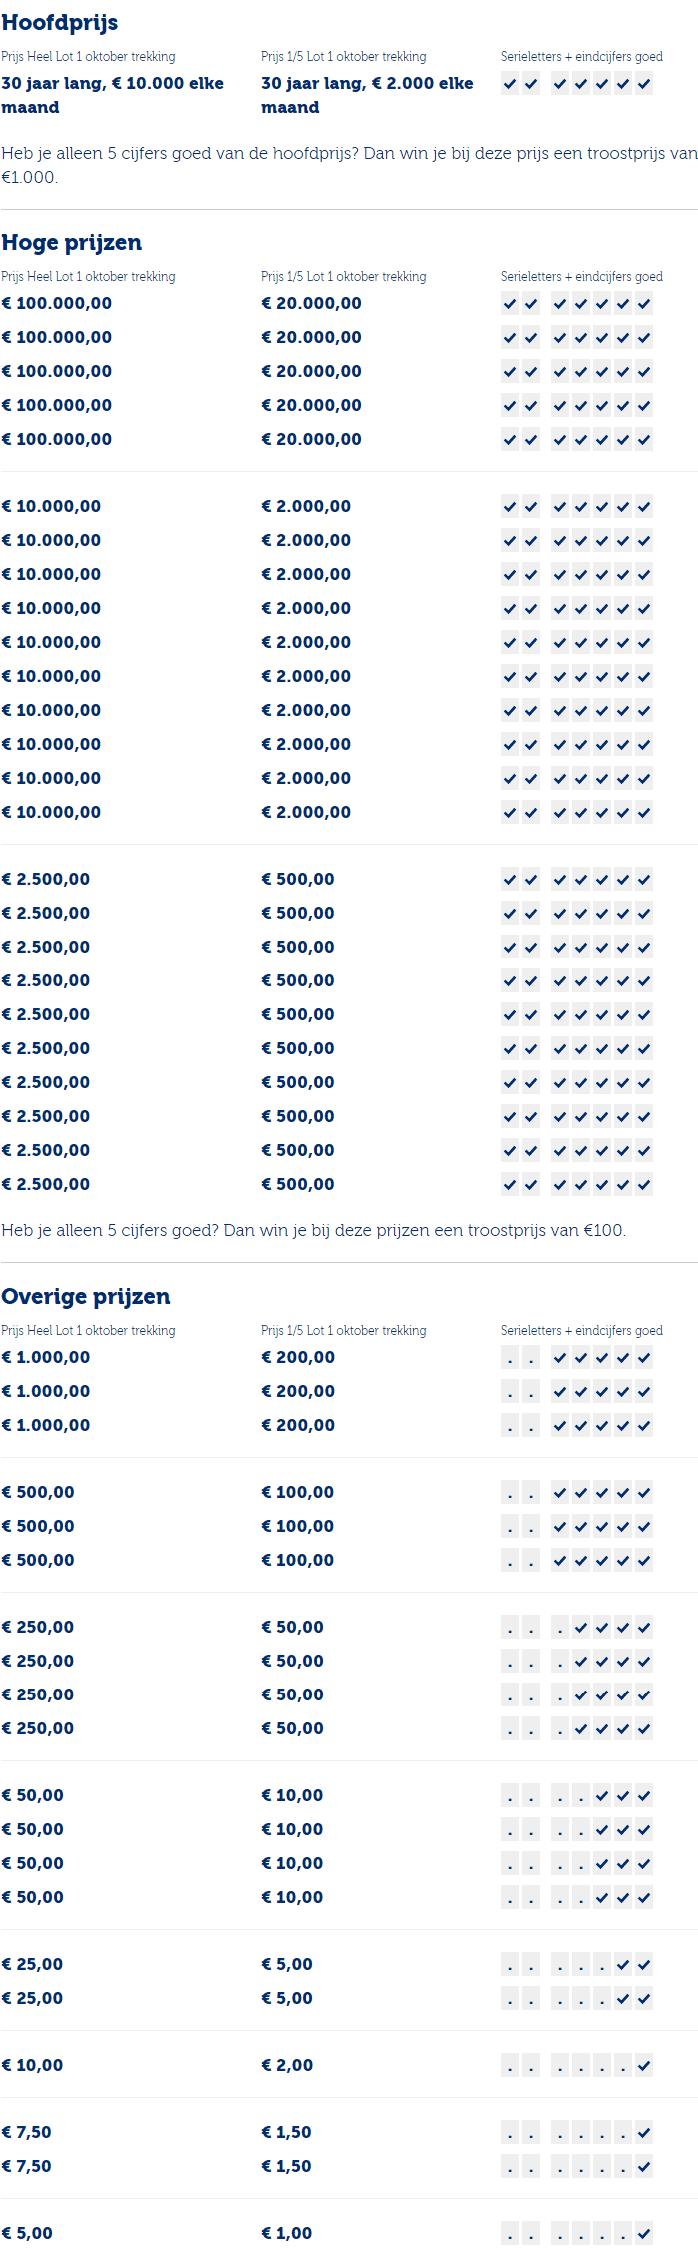 staatsloterij prijzenpakket 1 oktober 2021